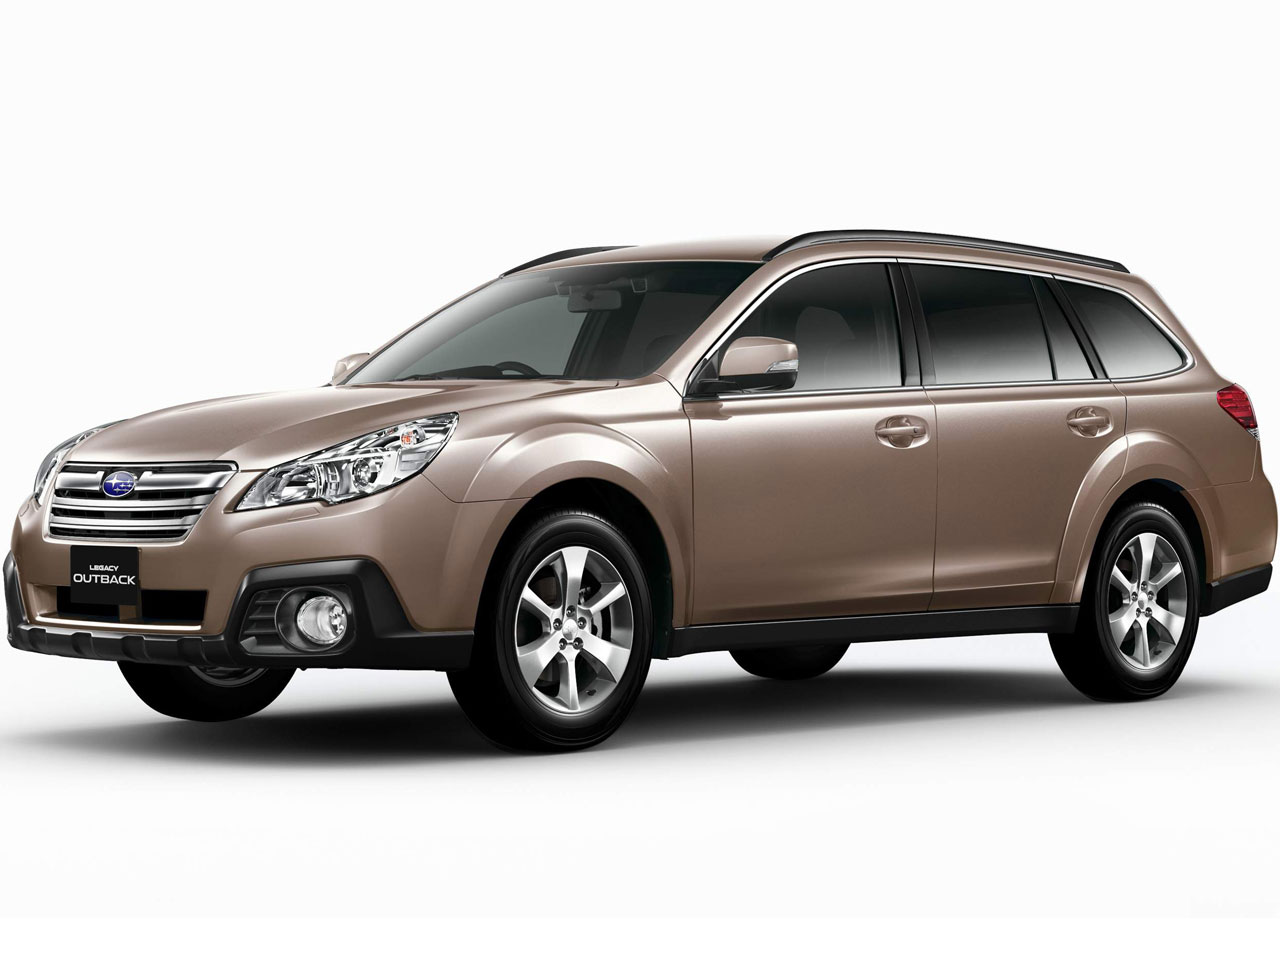 スバル レガシィ アウトバック 2009年モデル 新車画像